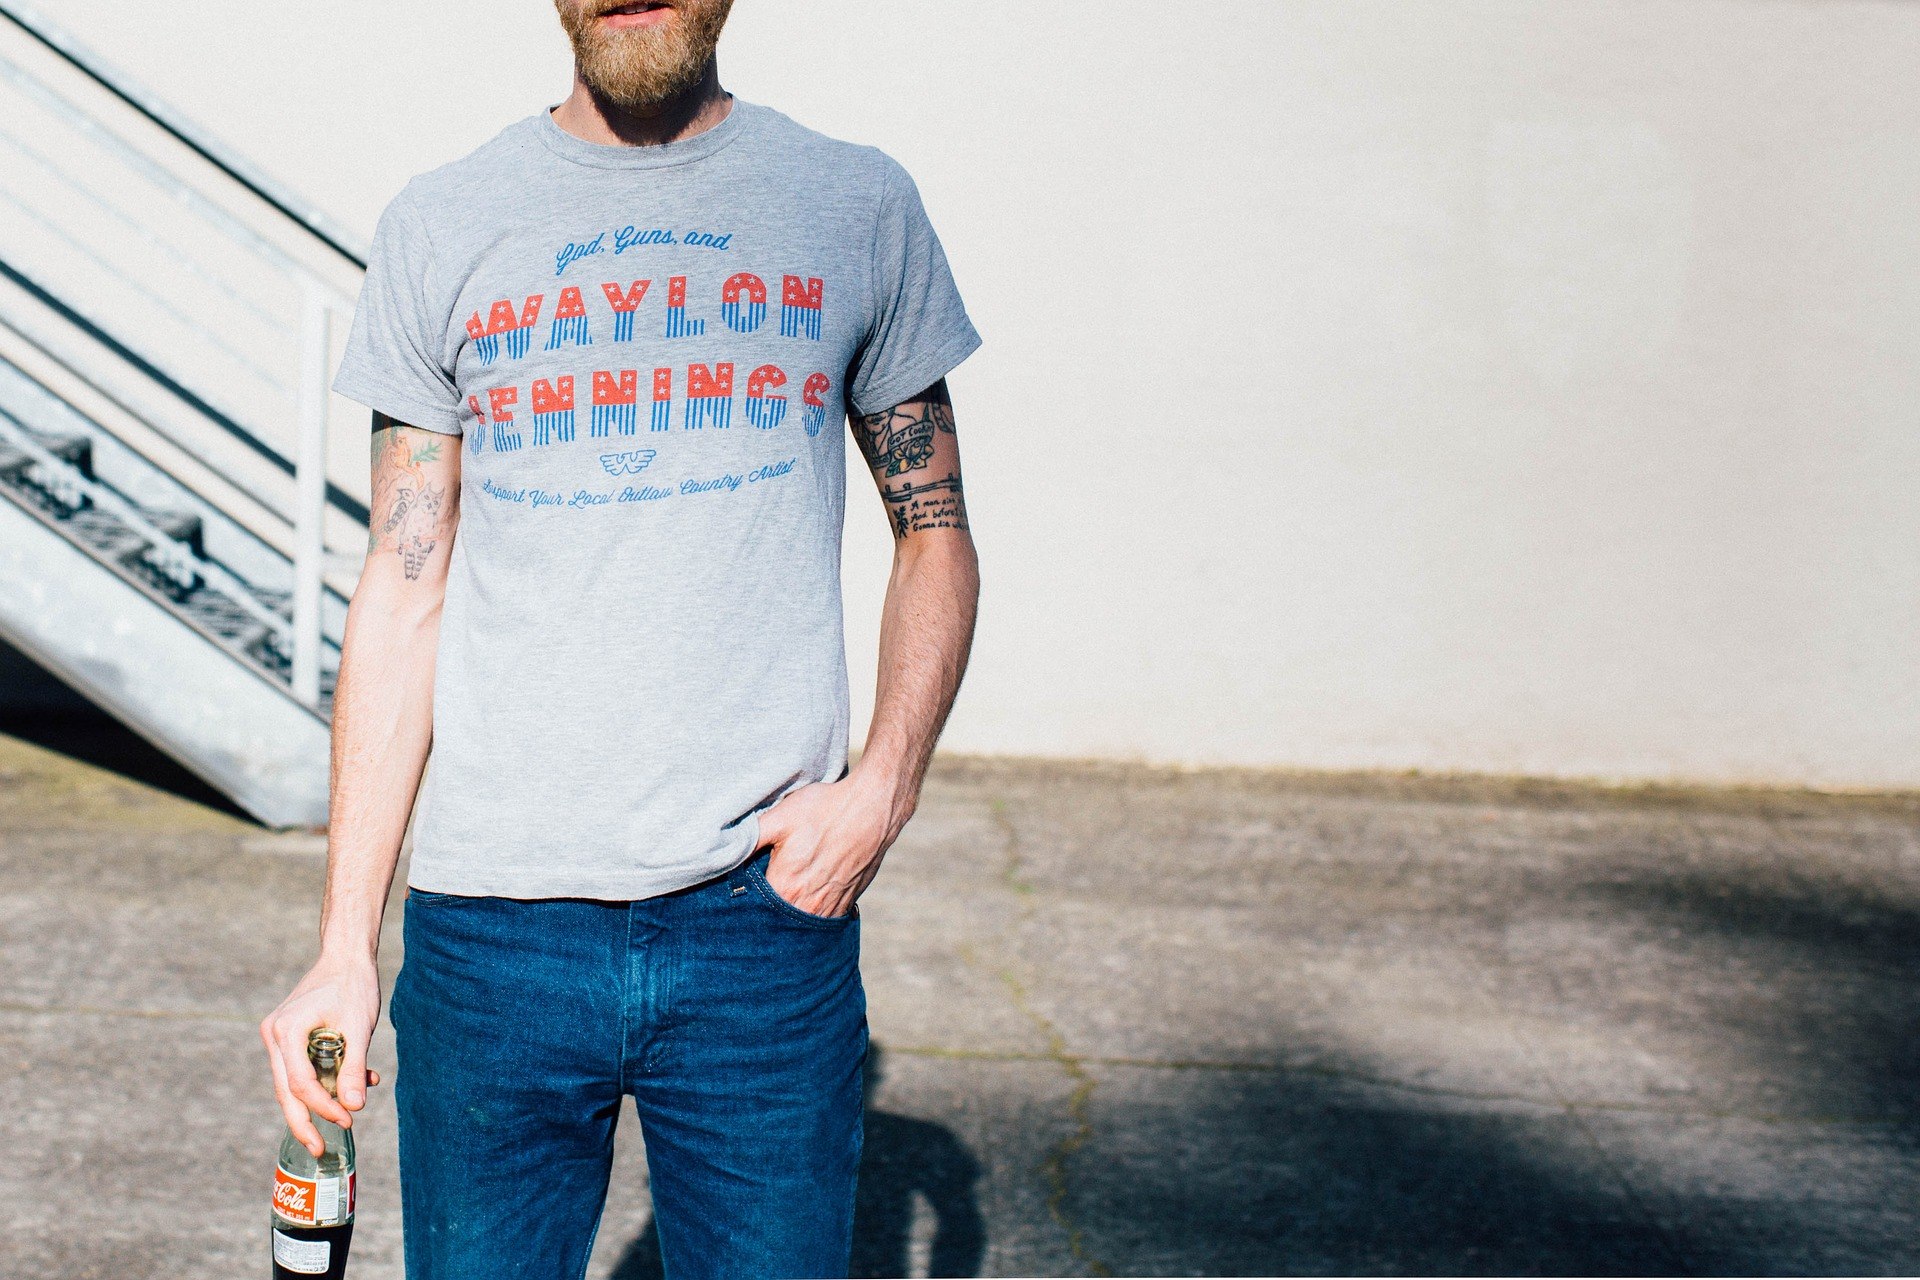 Usar camiseta em looks mais sociais